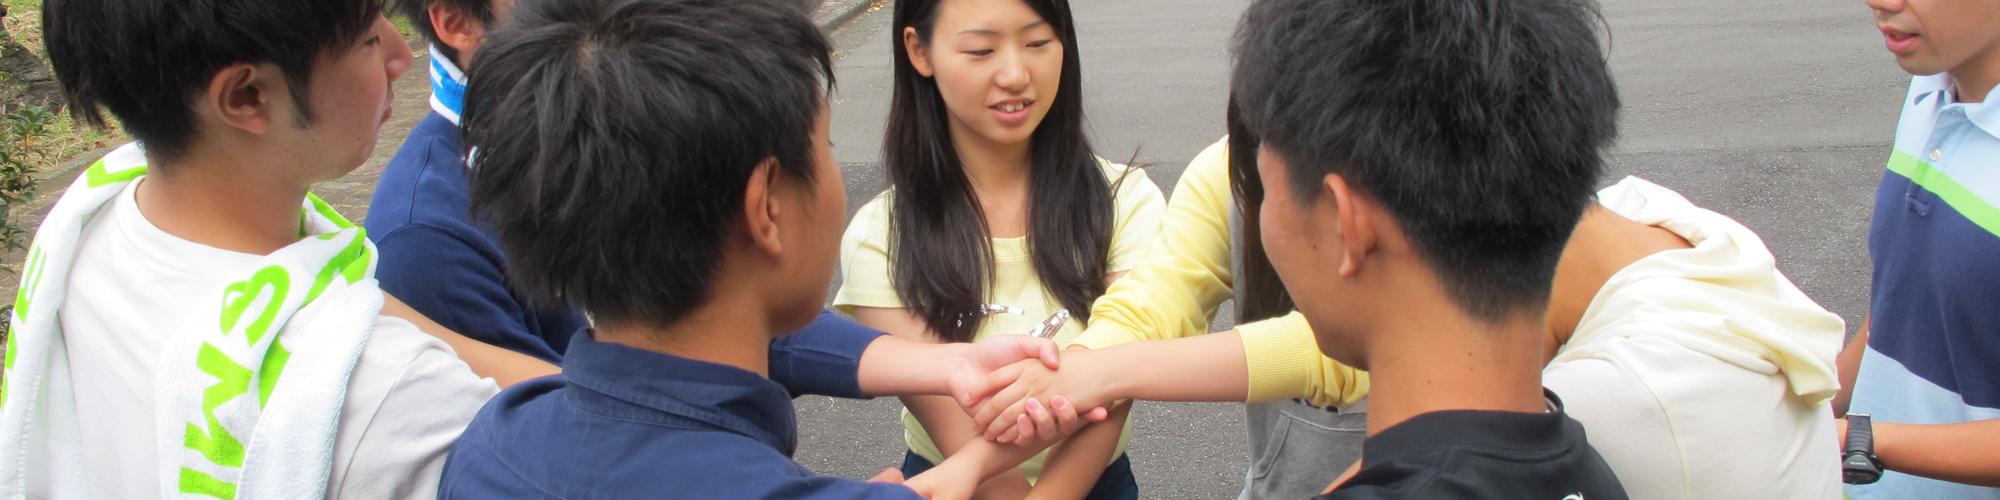 【開催レポート】こどもの体験活動 指導者のための安全ワークショップ in 明星大学(ASL資格認定)